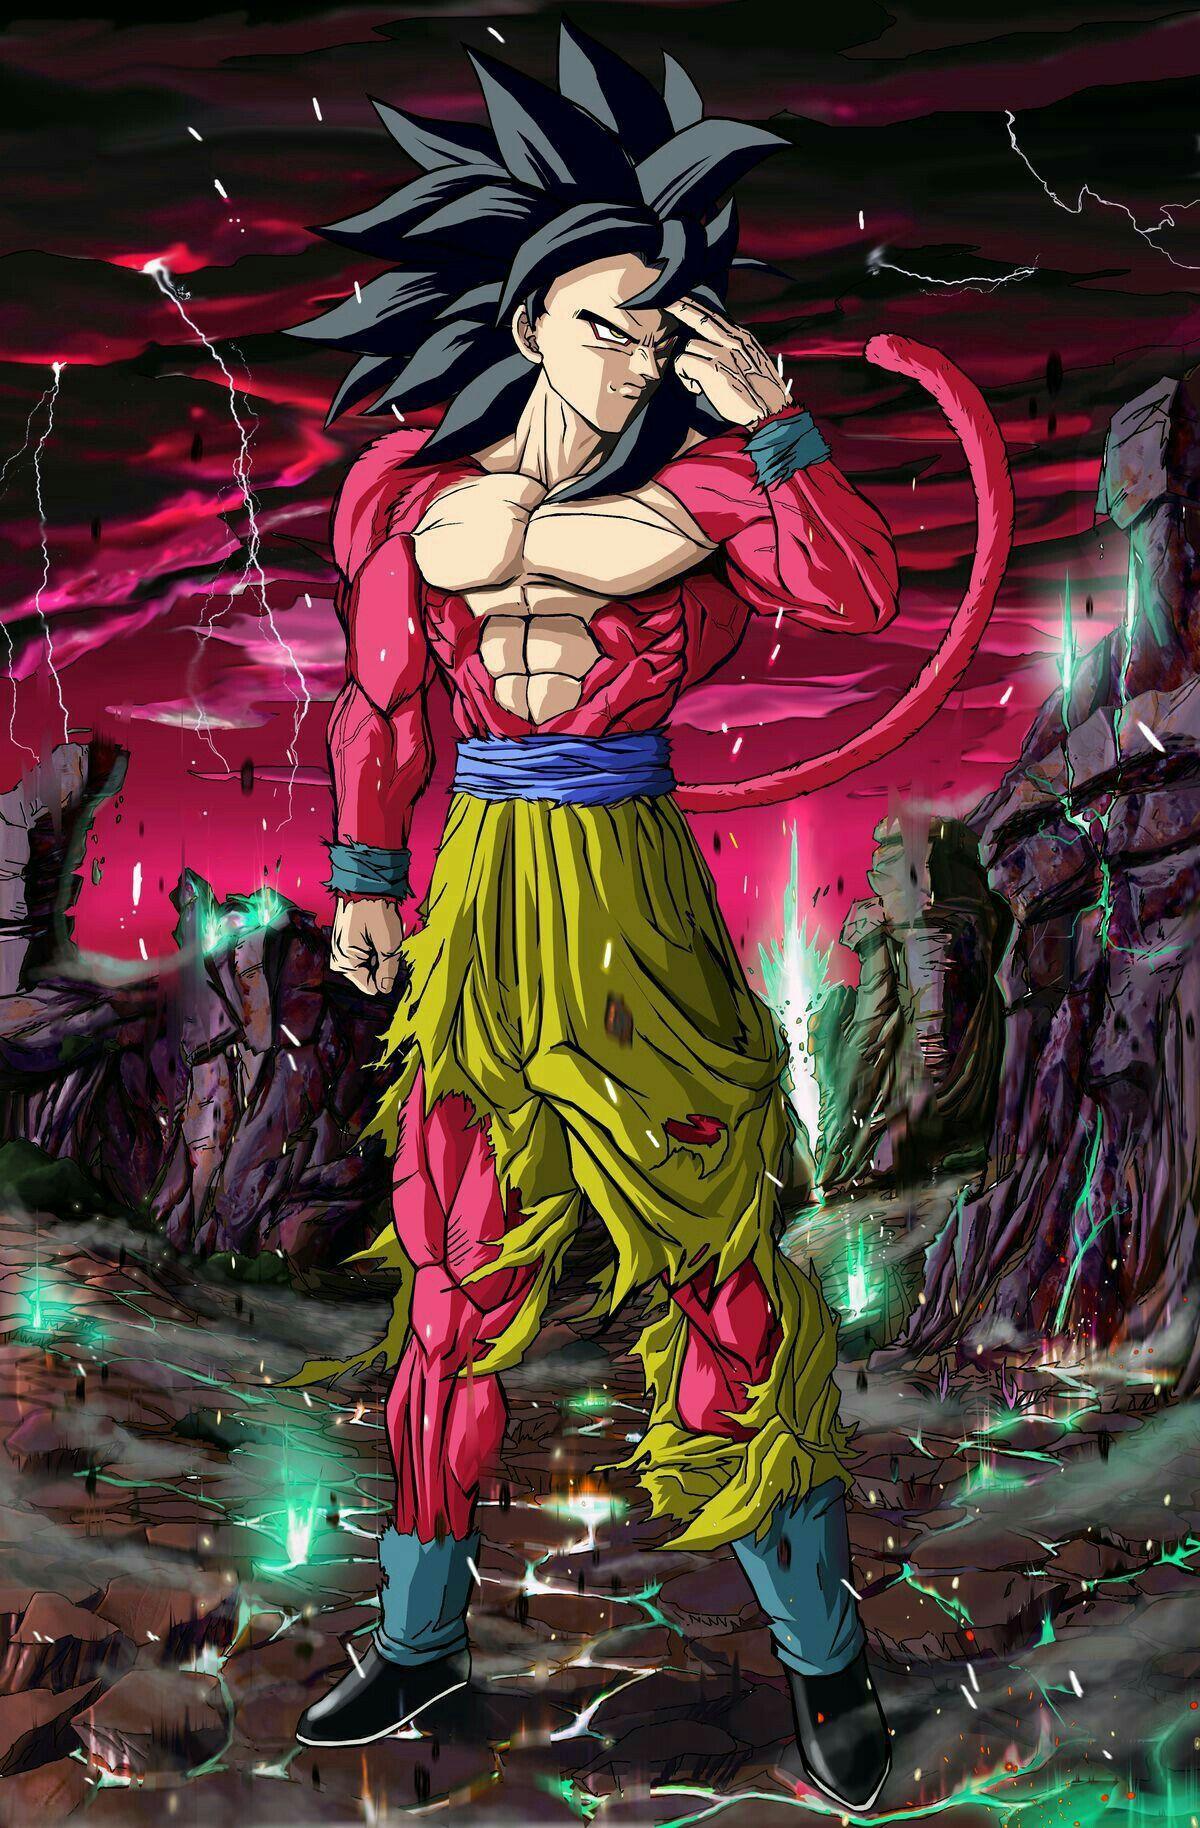 Goku Ss4 Dragonball Dragon Ball Goku Dragon Ball Gt Anime Dragon Ball